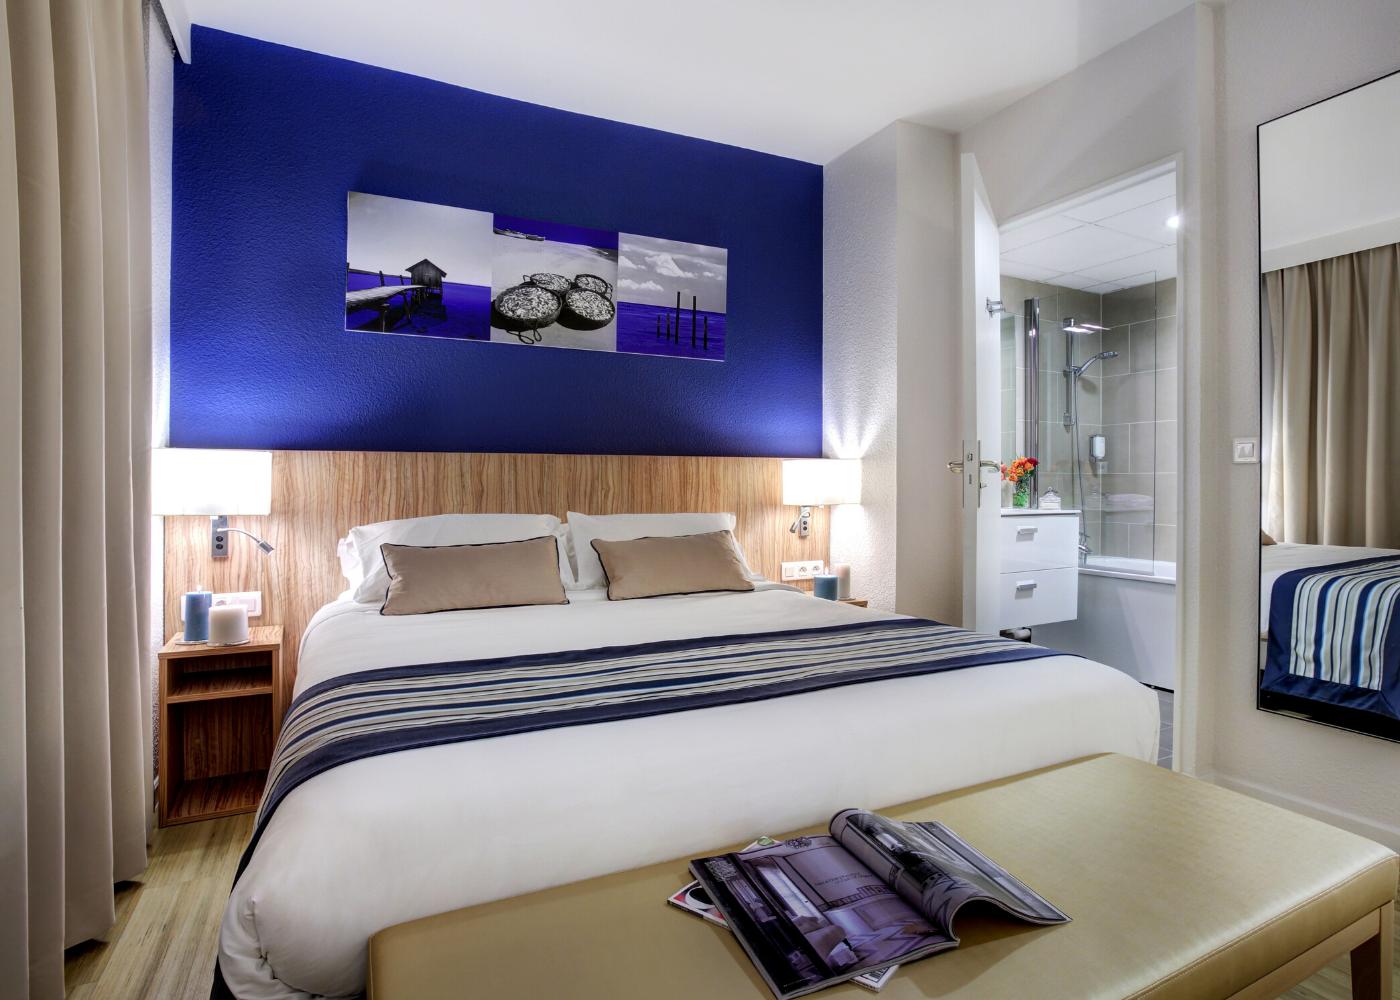 Citadines Croisette Cannes hotel